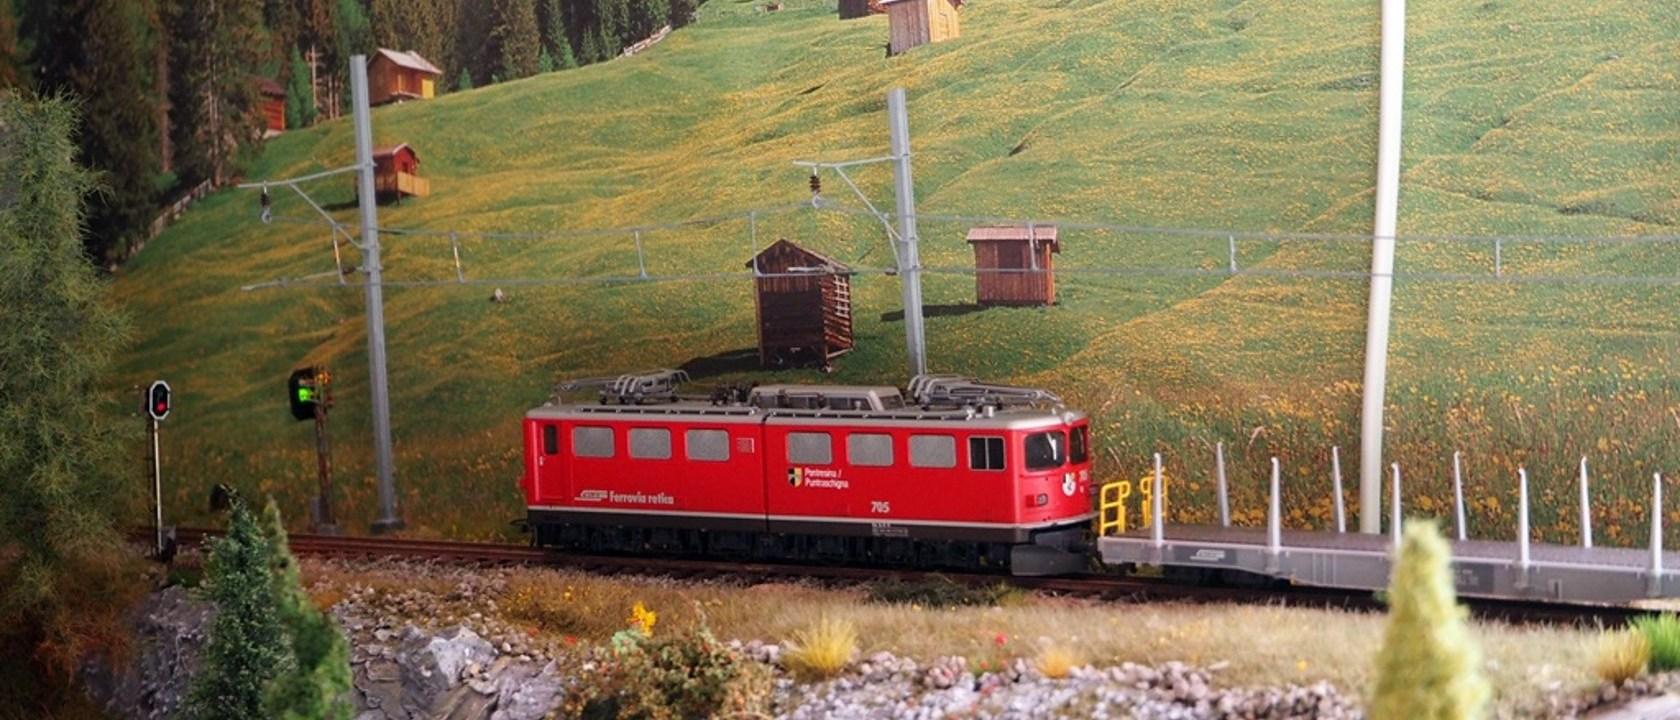 Svens Modellbahn Seiten Bau Einer H0m Segmentanlage In